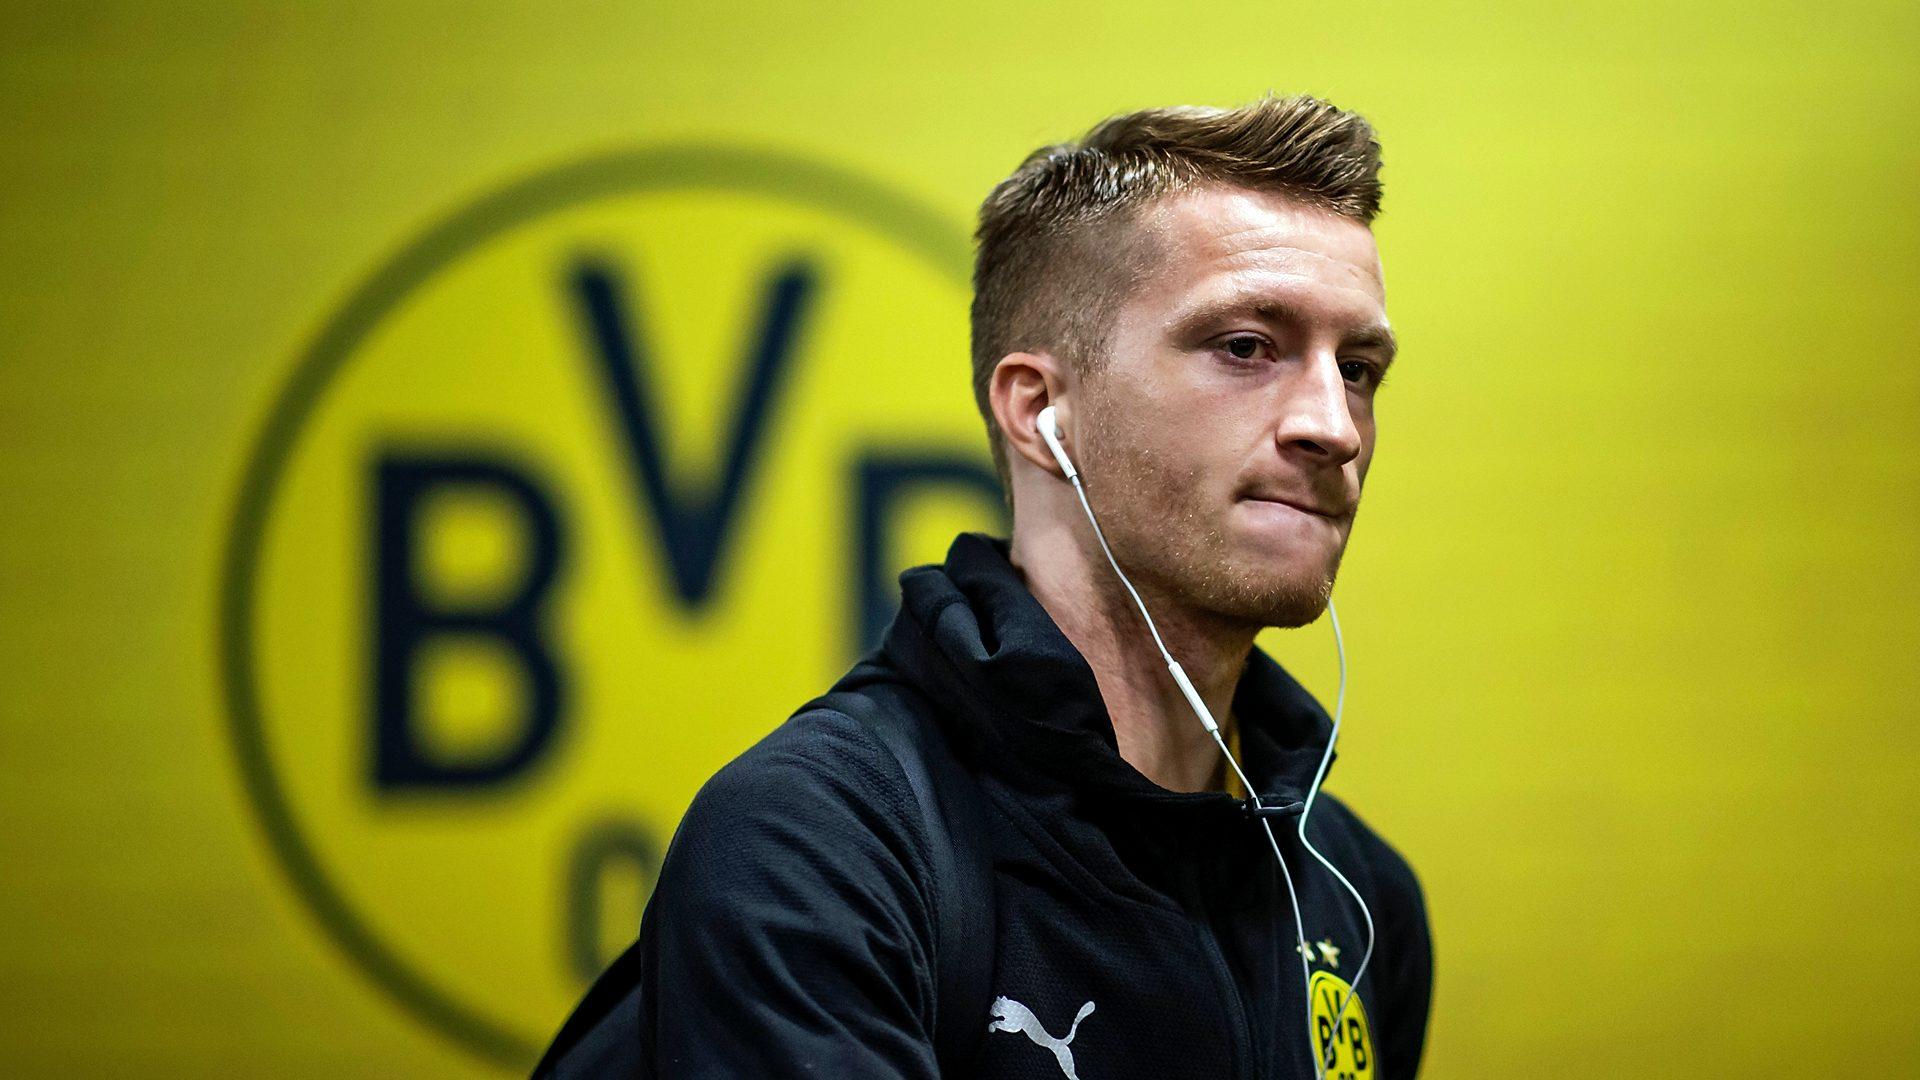 """Marco Reus: """"I belong at Borussia Dortmund"""""""